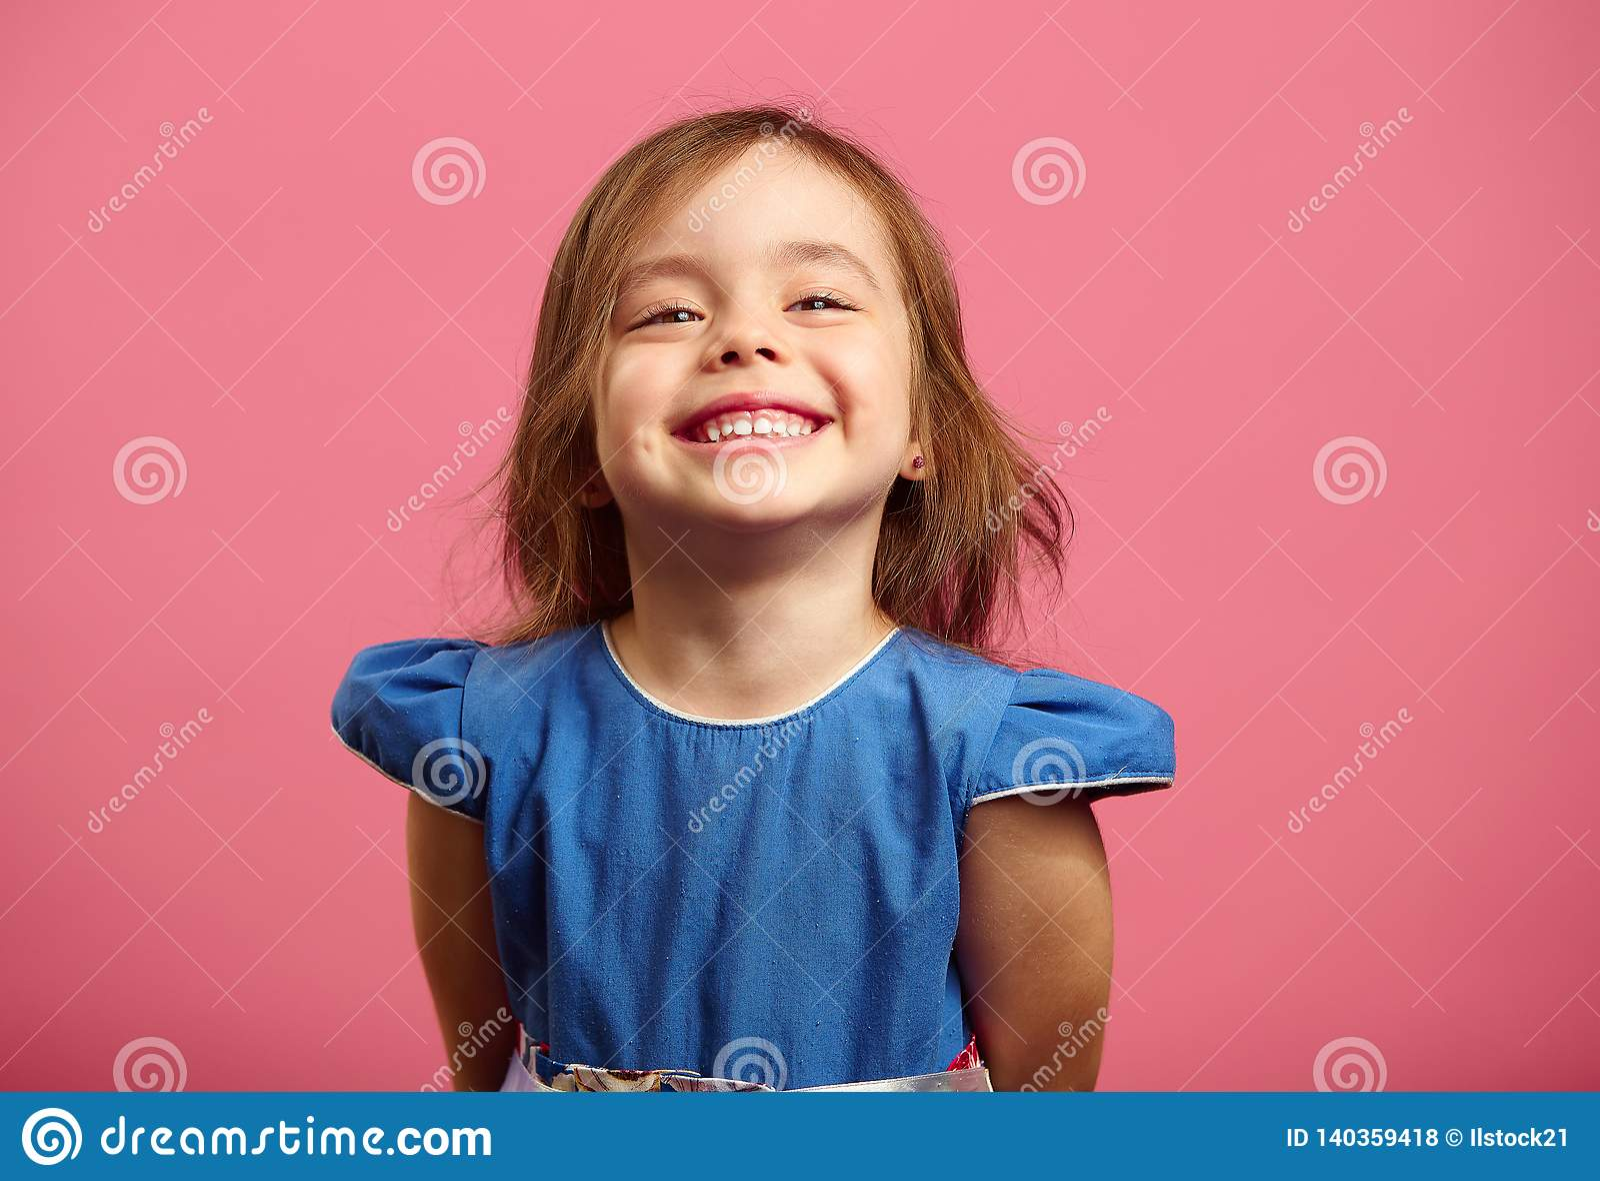 Retrato femenino del niño encantador de tres años con una sonrisa hermosa